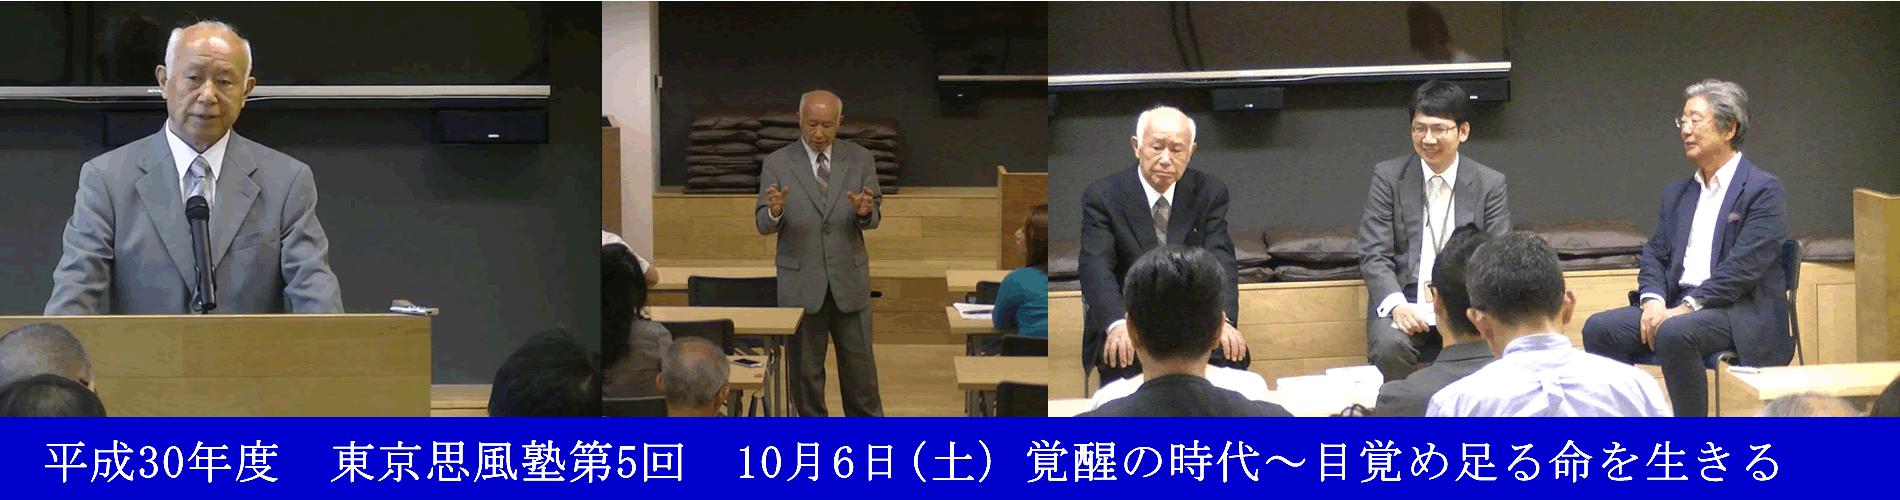 平成30年度 東京思風塾